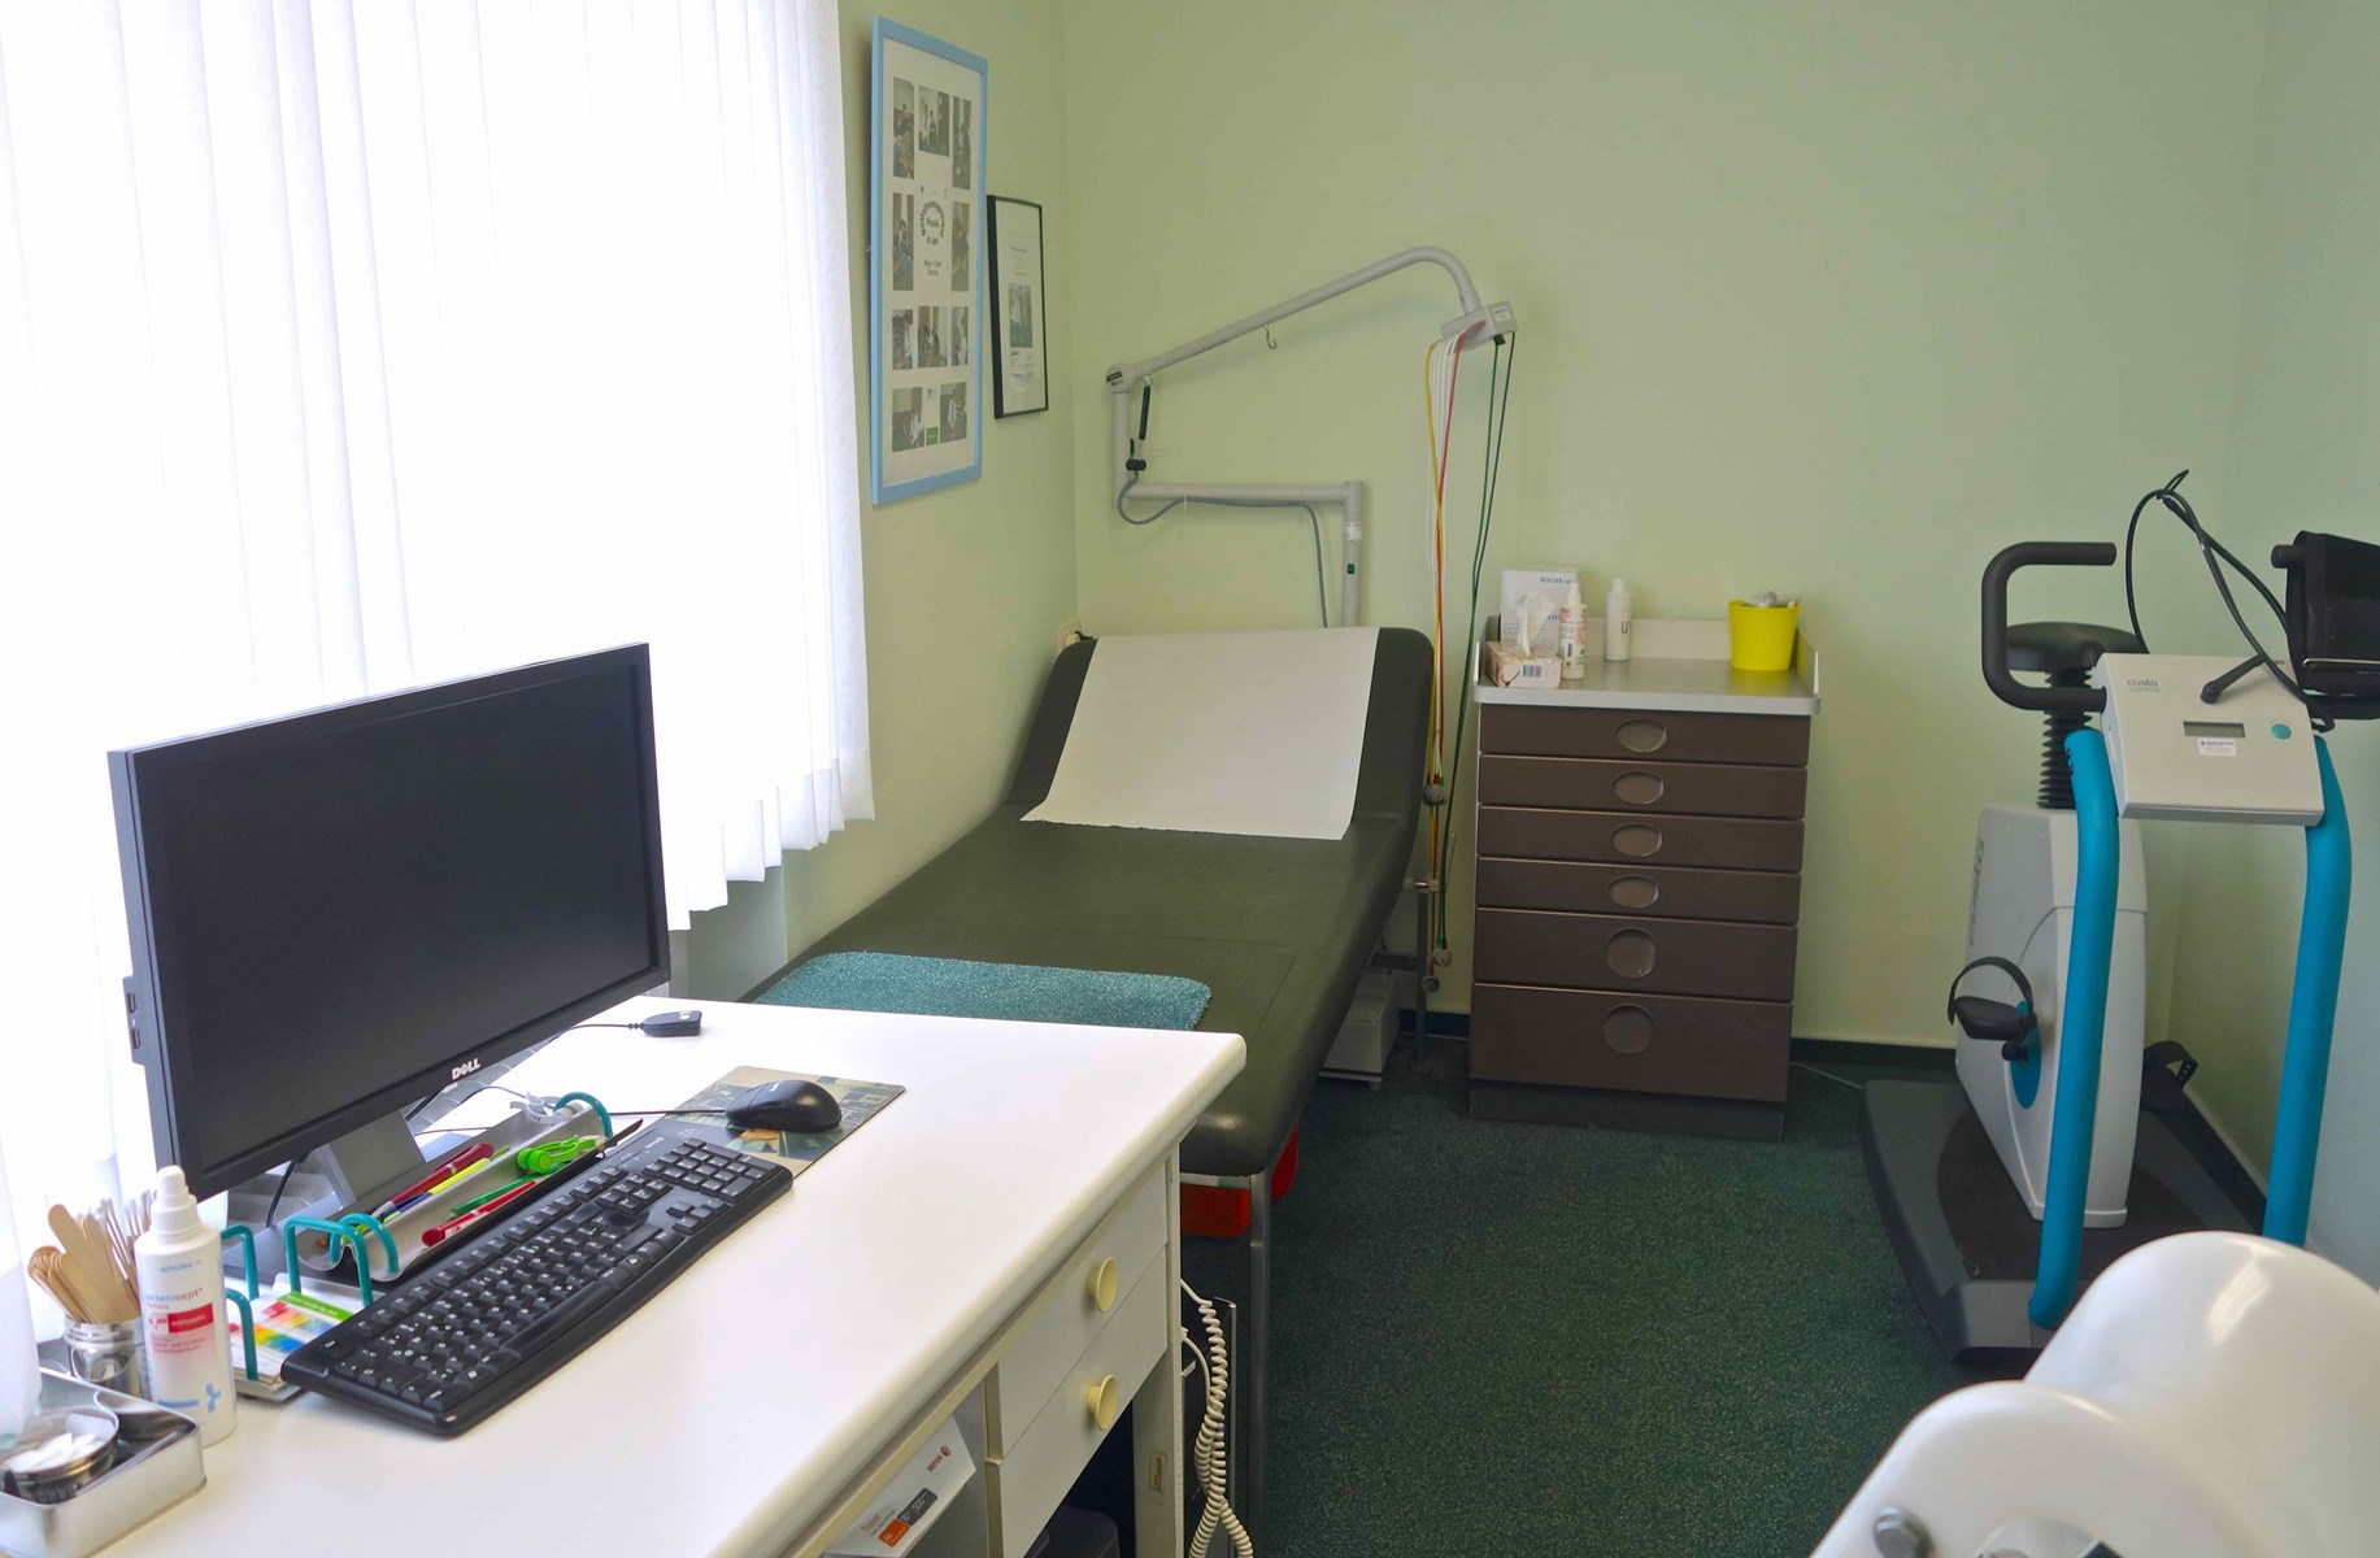 landarztb rse arztpraxis kaufen und verkaufen objekt g nstige praxisabgabe gro e. Black Bedroom Furniture Sets. Home Design Ideas